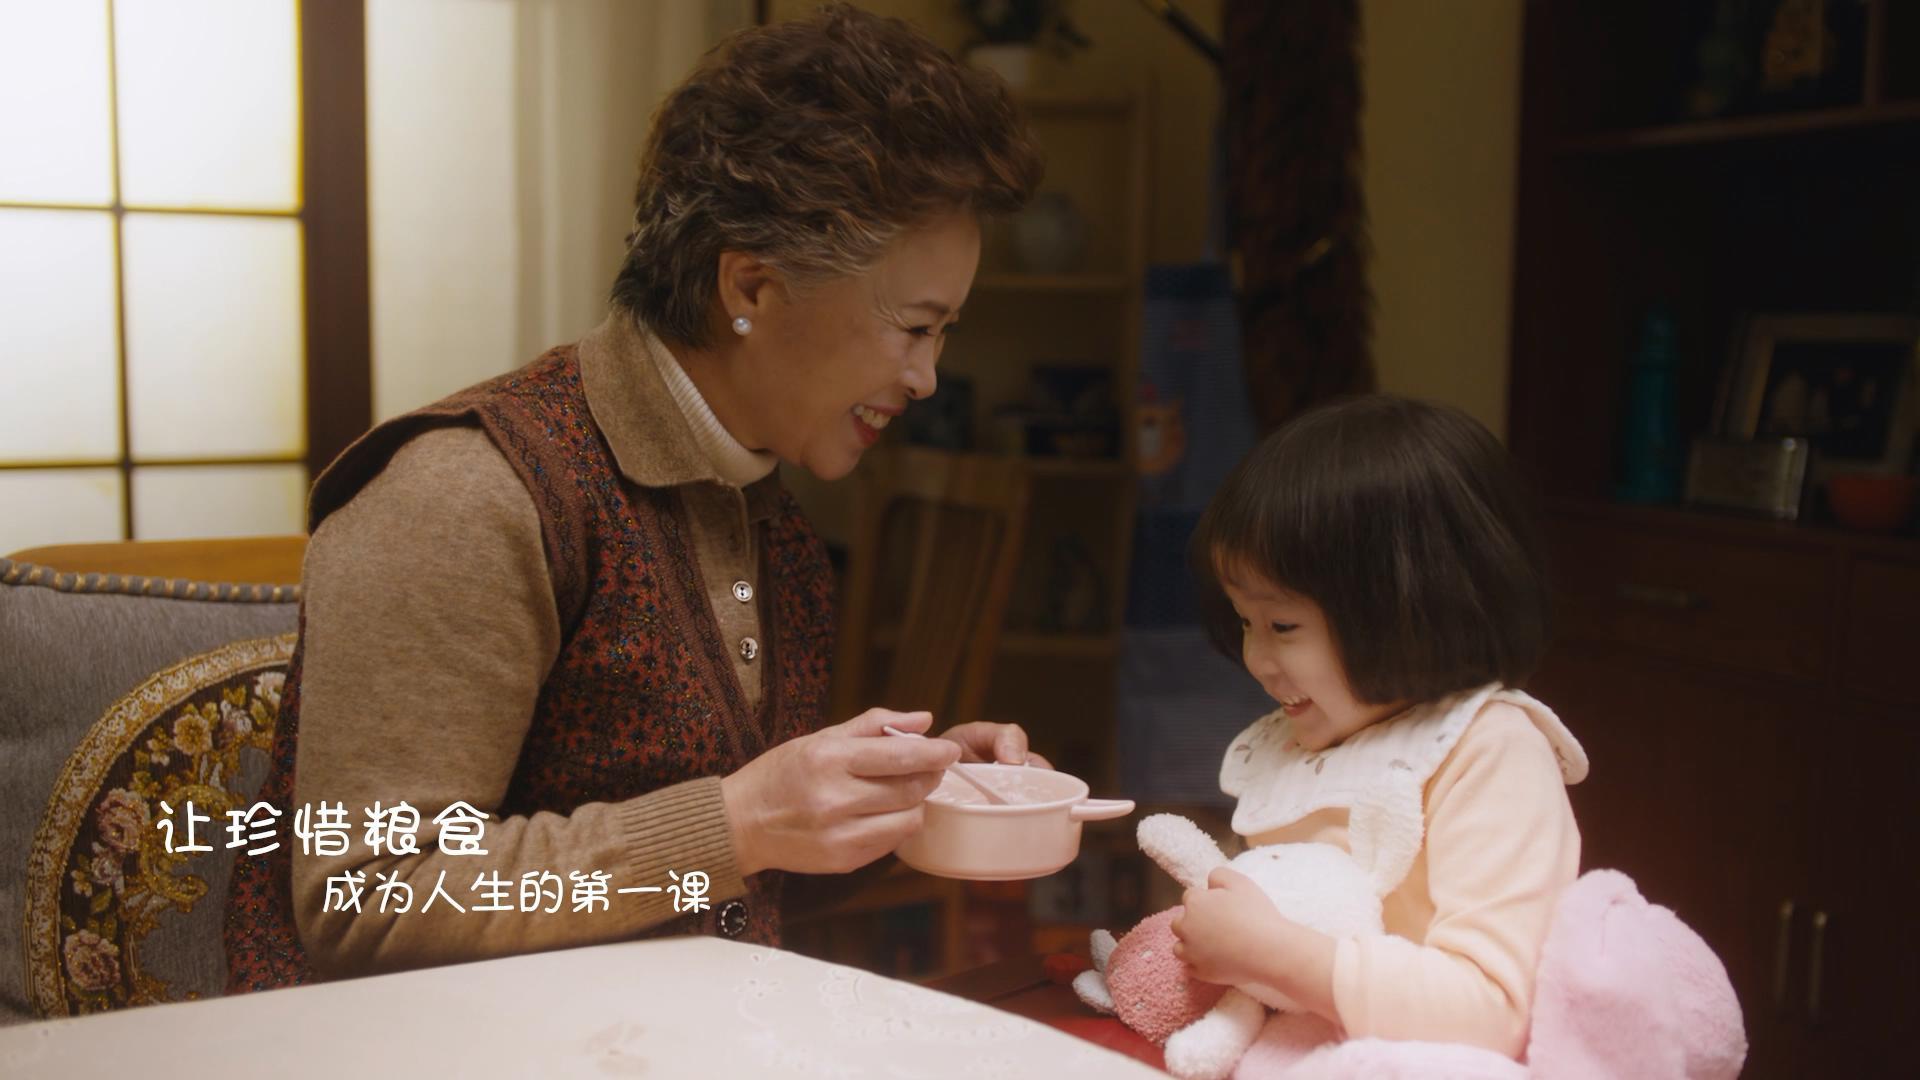 《浪费可耻 节约光荣》公益宣传片